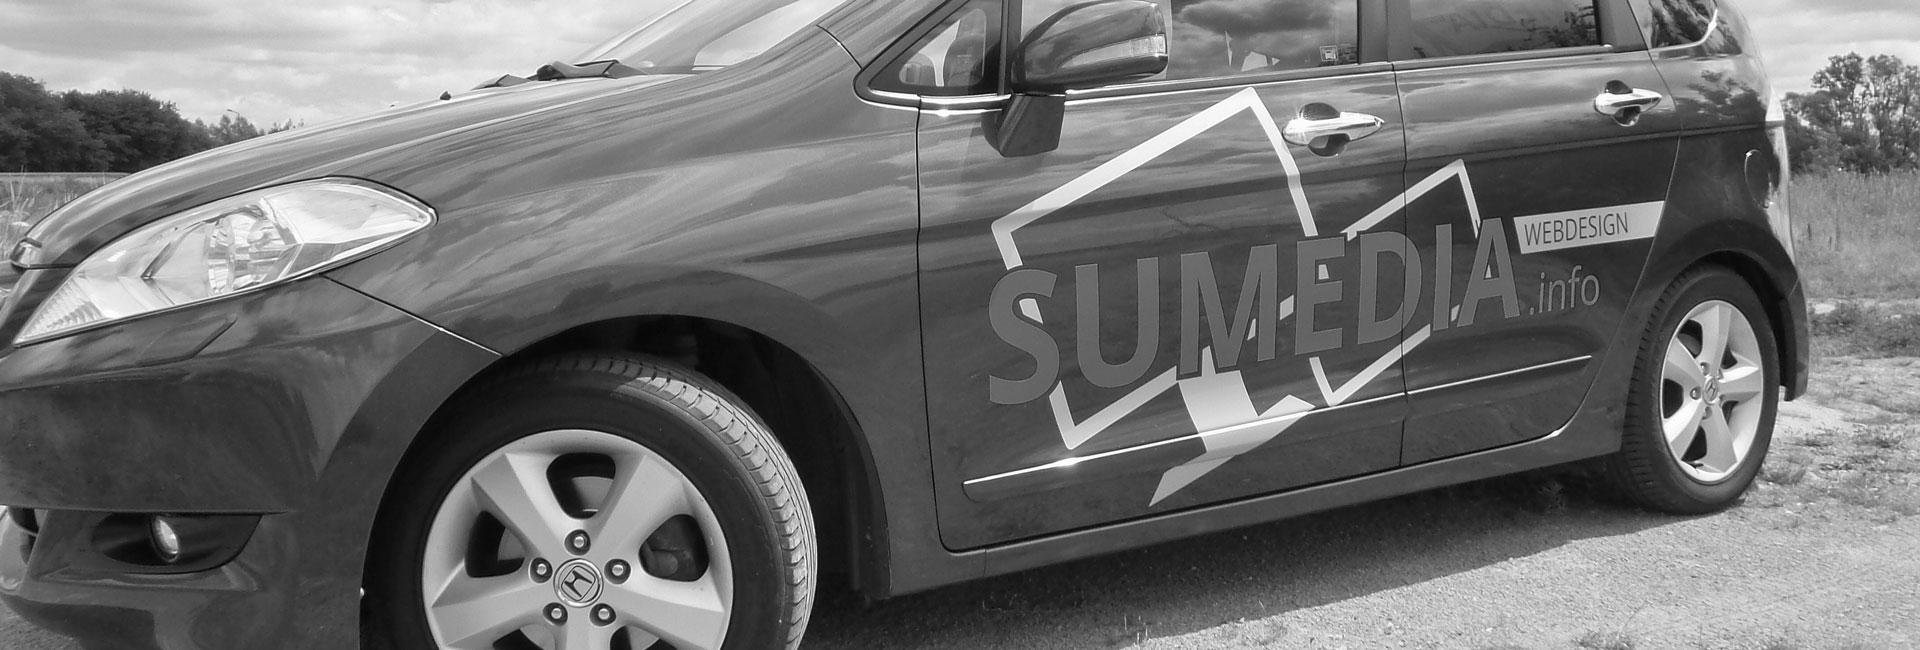 Fahrzeugbeschriftung aus Falkensee